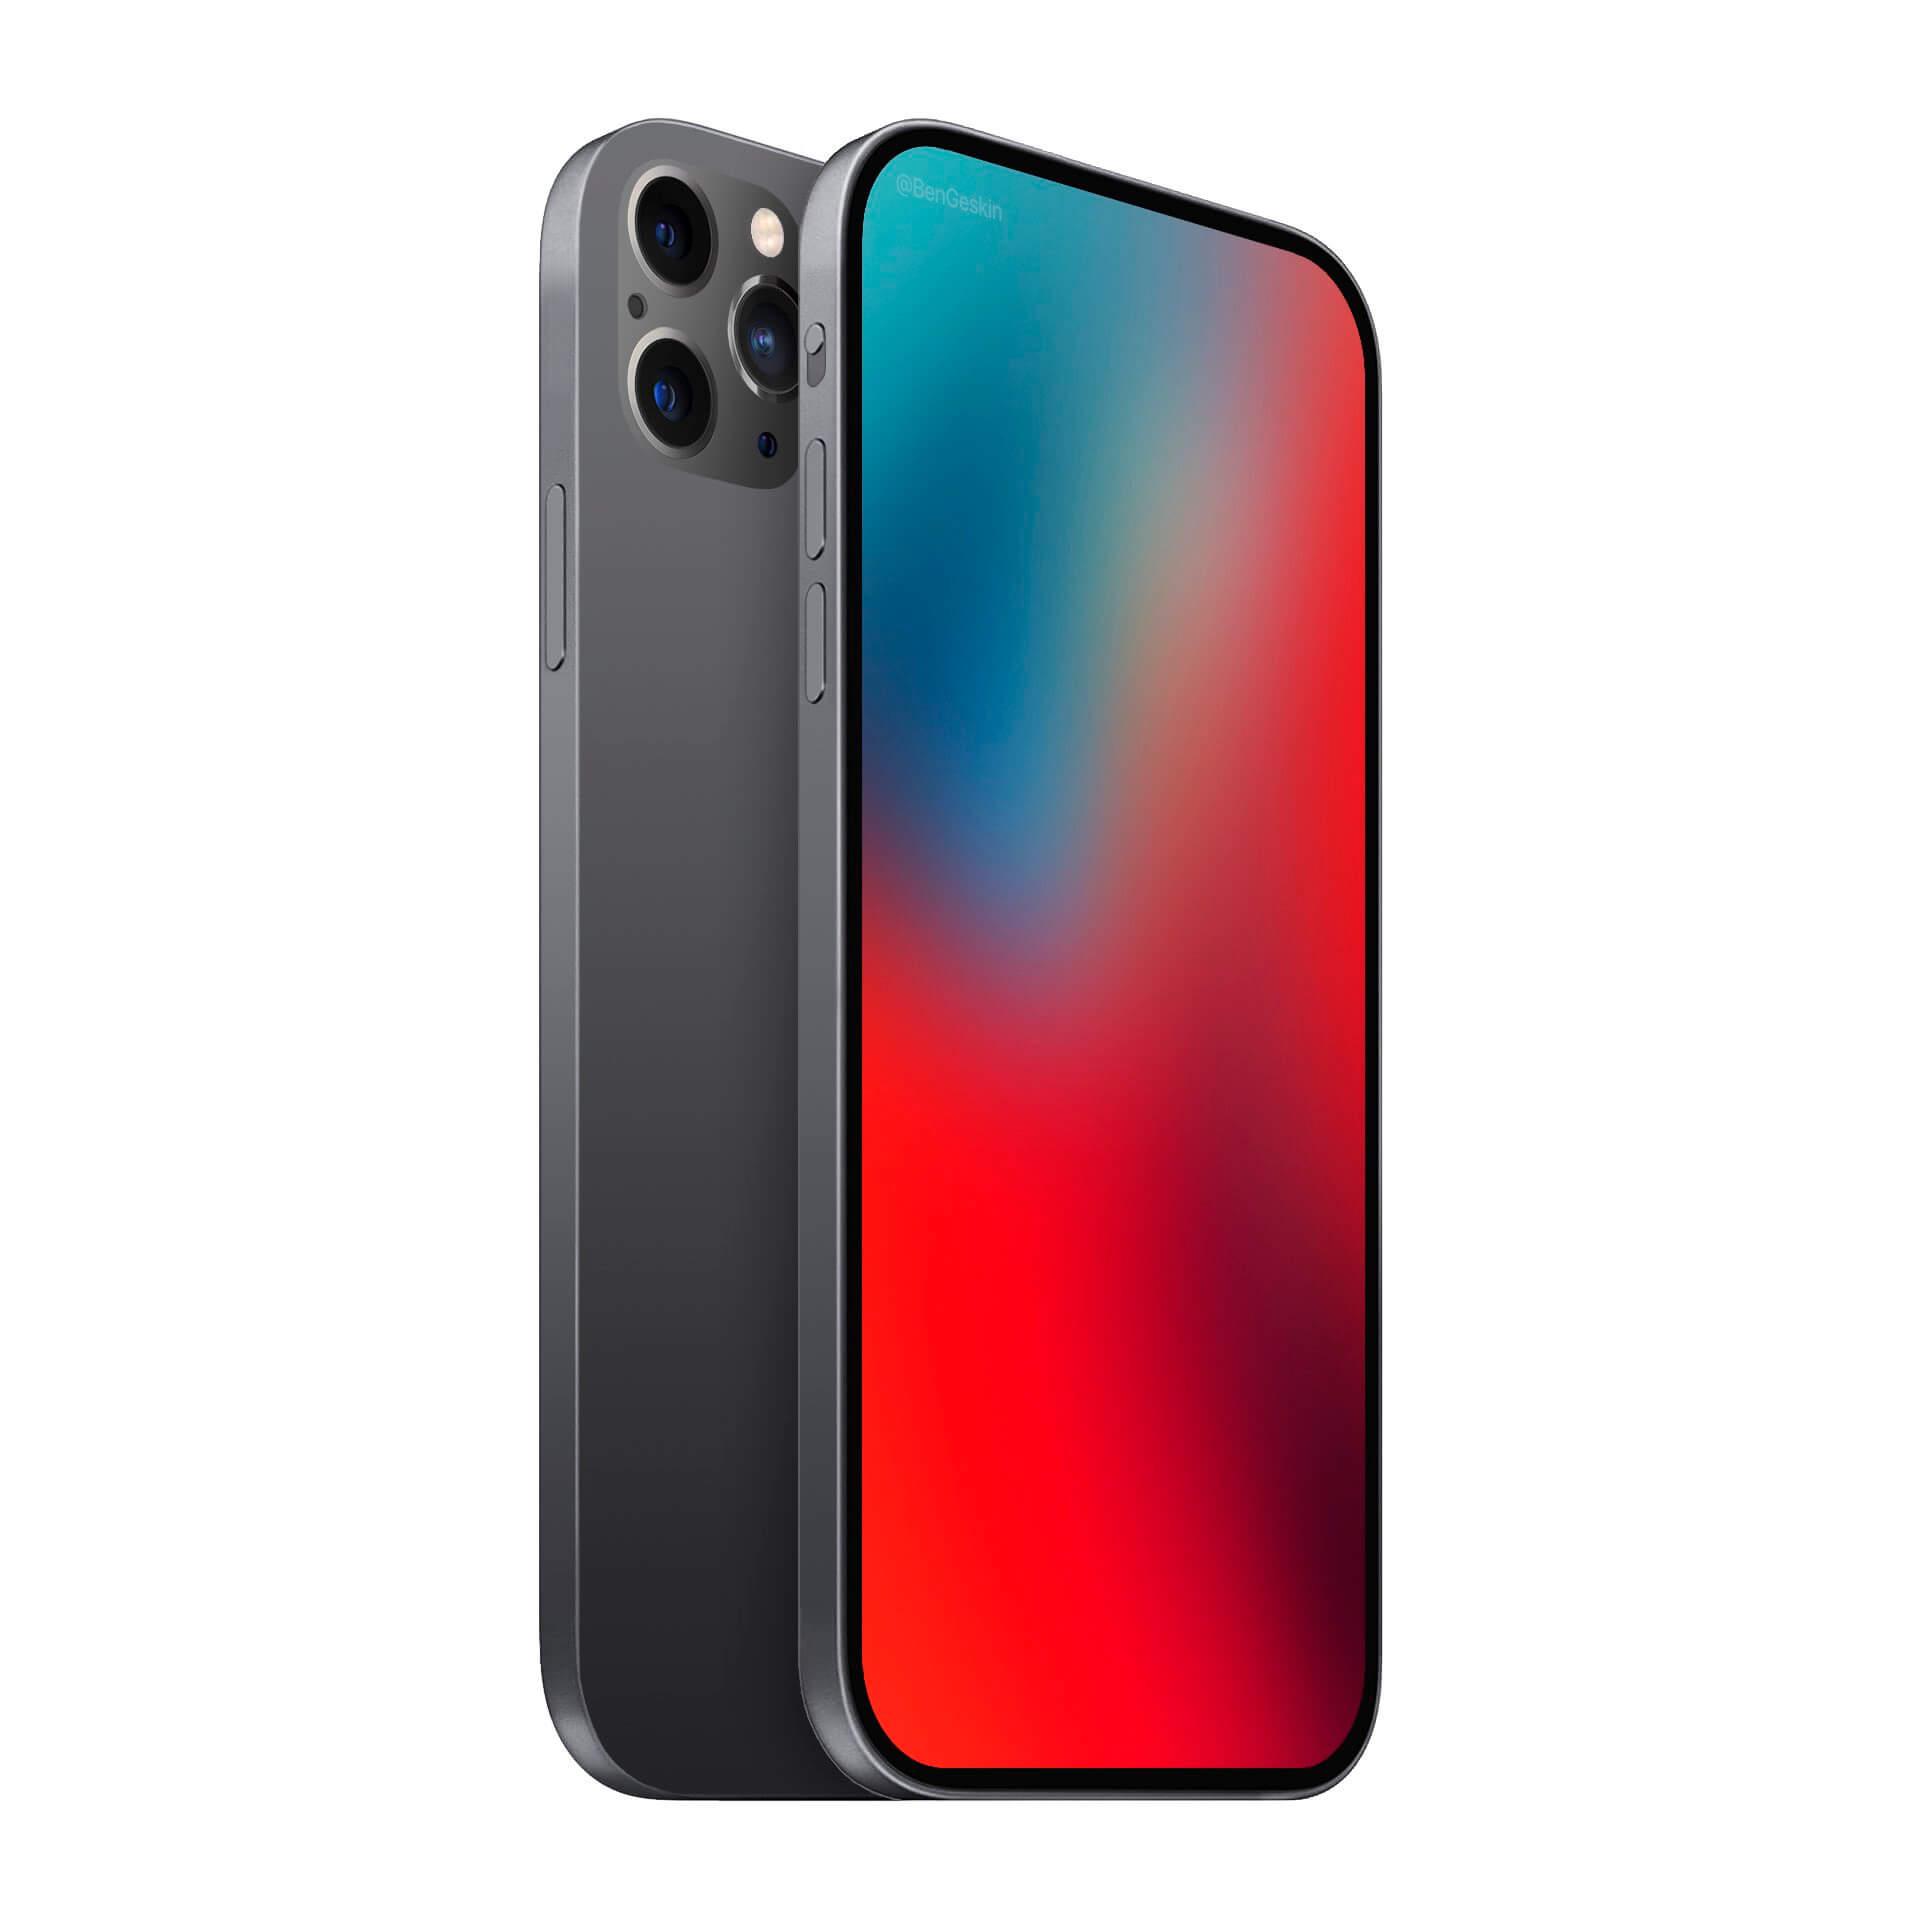 2020年発売が噂される新型iPhoneのプロトタイプ画像が流出?ノッチレスでフルスクリーンに tech191204_iphone_main